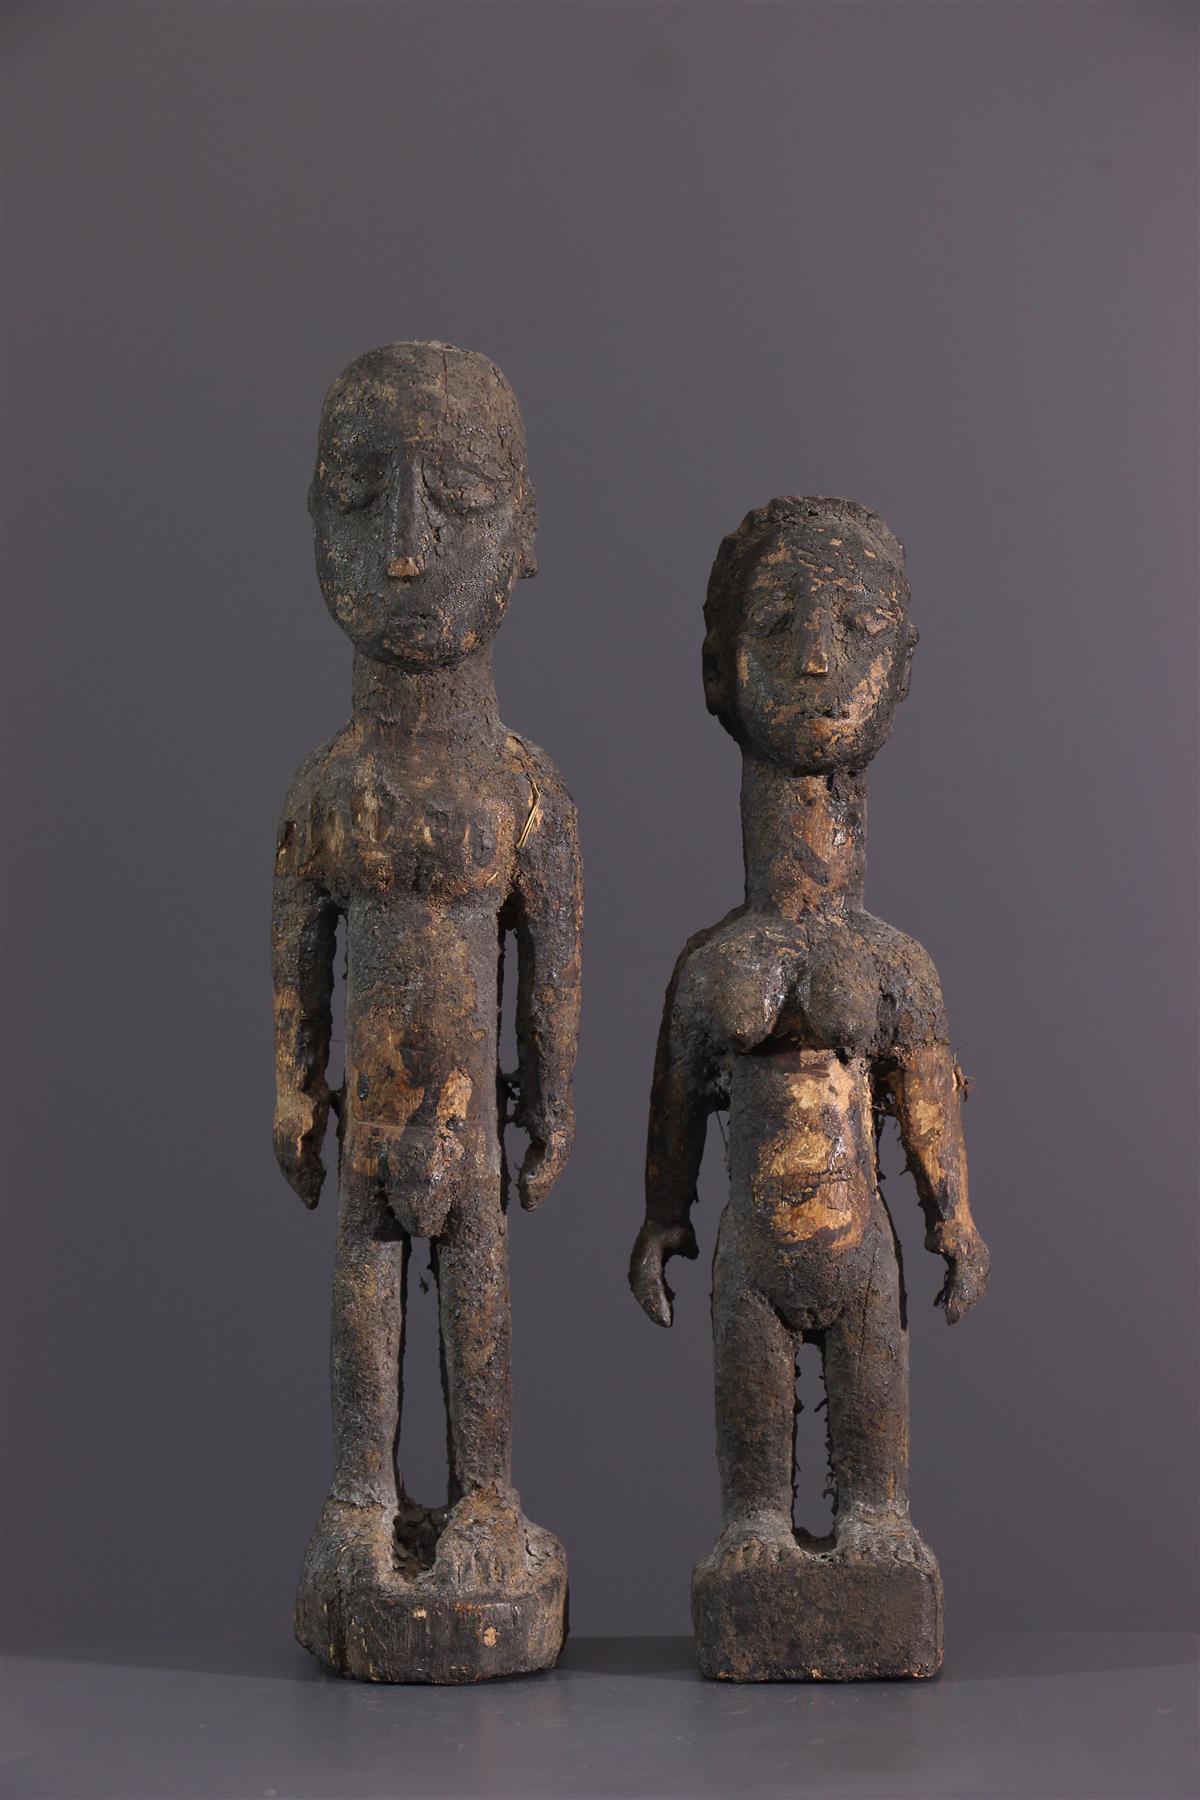 Ewe Fetishes - Tribal art